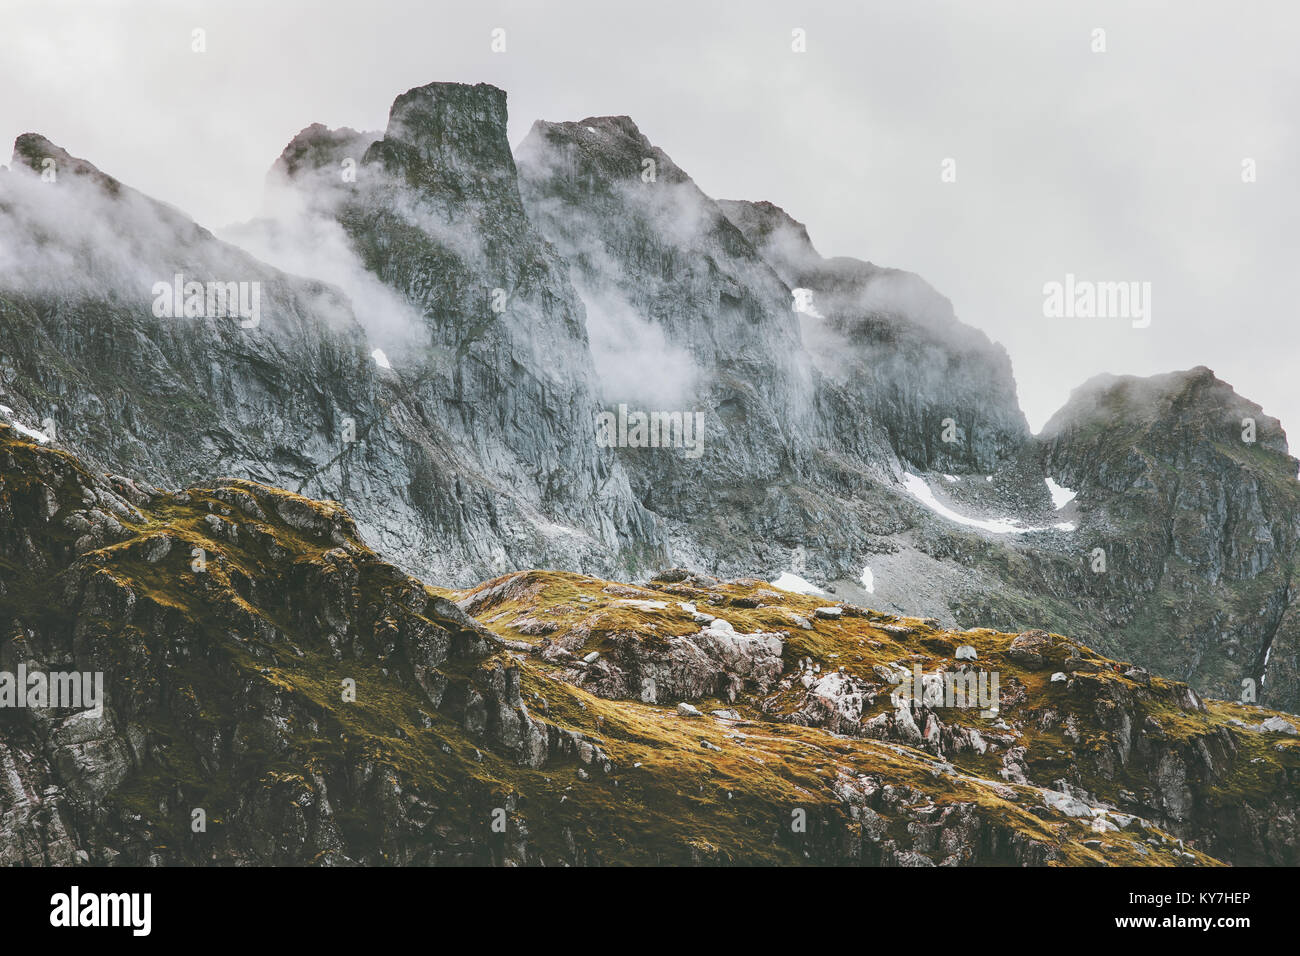 Paisaje de las Montañas Rocosas en Noruega escandinavo caminata Viajes Naturaleza salvaje Imagen De Stock